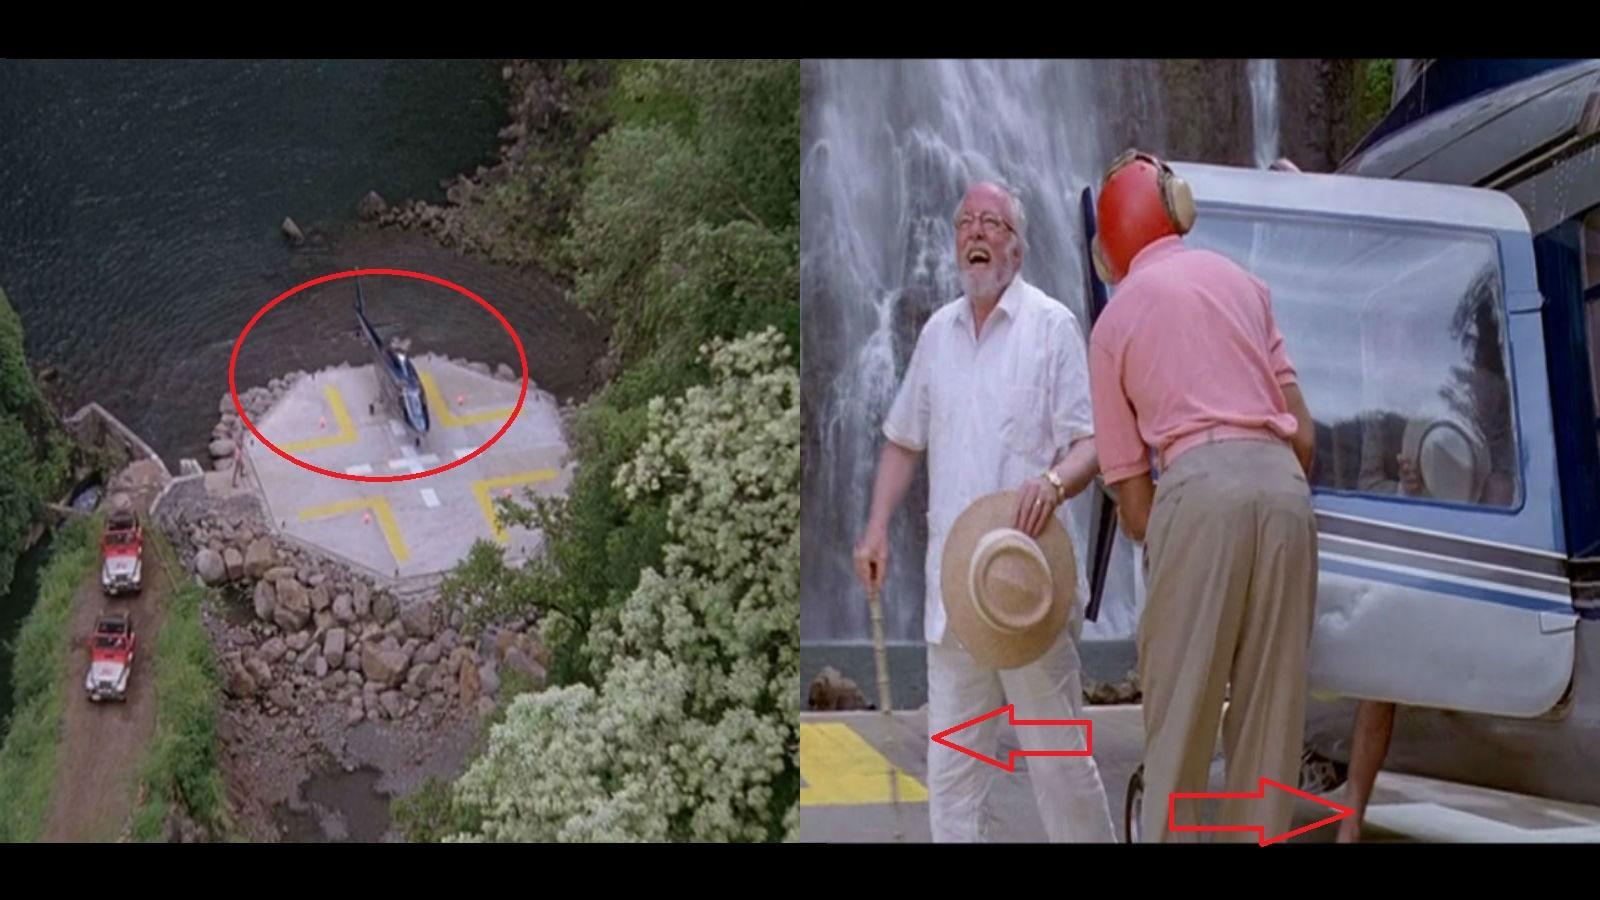 Amikor a helikopter először leszáll a szigeten tisztán látszik, hogy nem a leszállópálya keresztjére érkezik. Később mégis ott látható! (Universal Pictures)